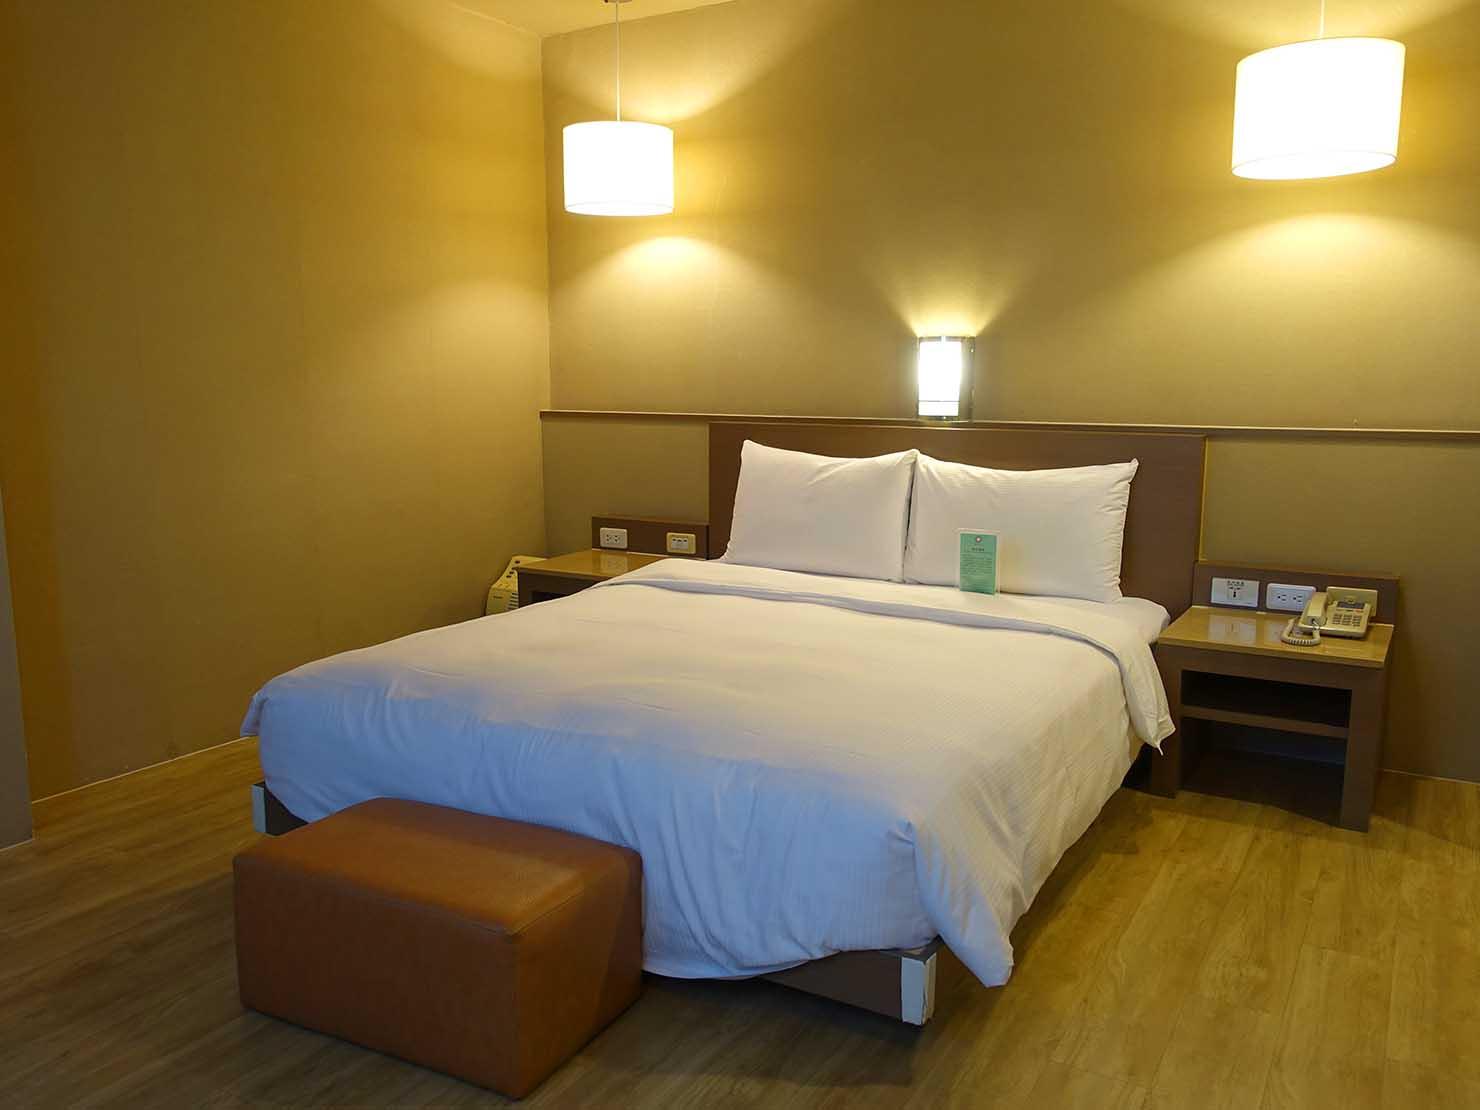 高雄のおすすめチェーンホテル「康橋商旅 Kindness Hotel(漢神館)」豪華雙人房の浴室側から見たベッドルーム